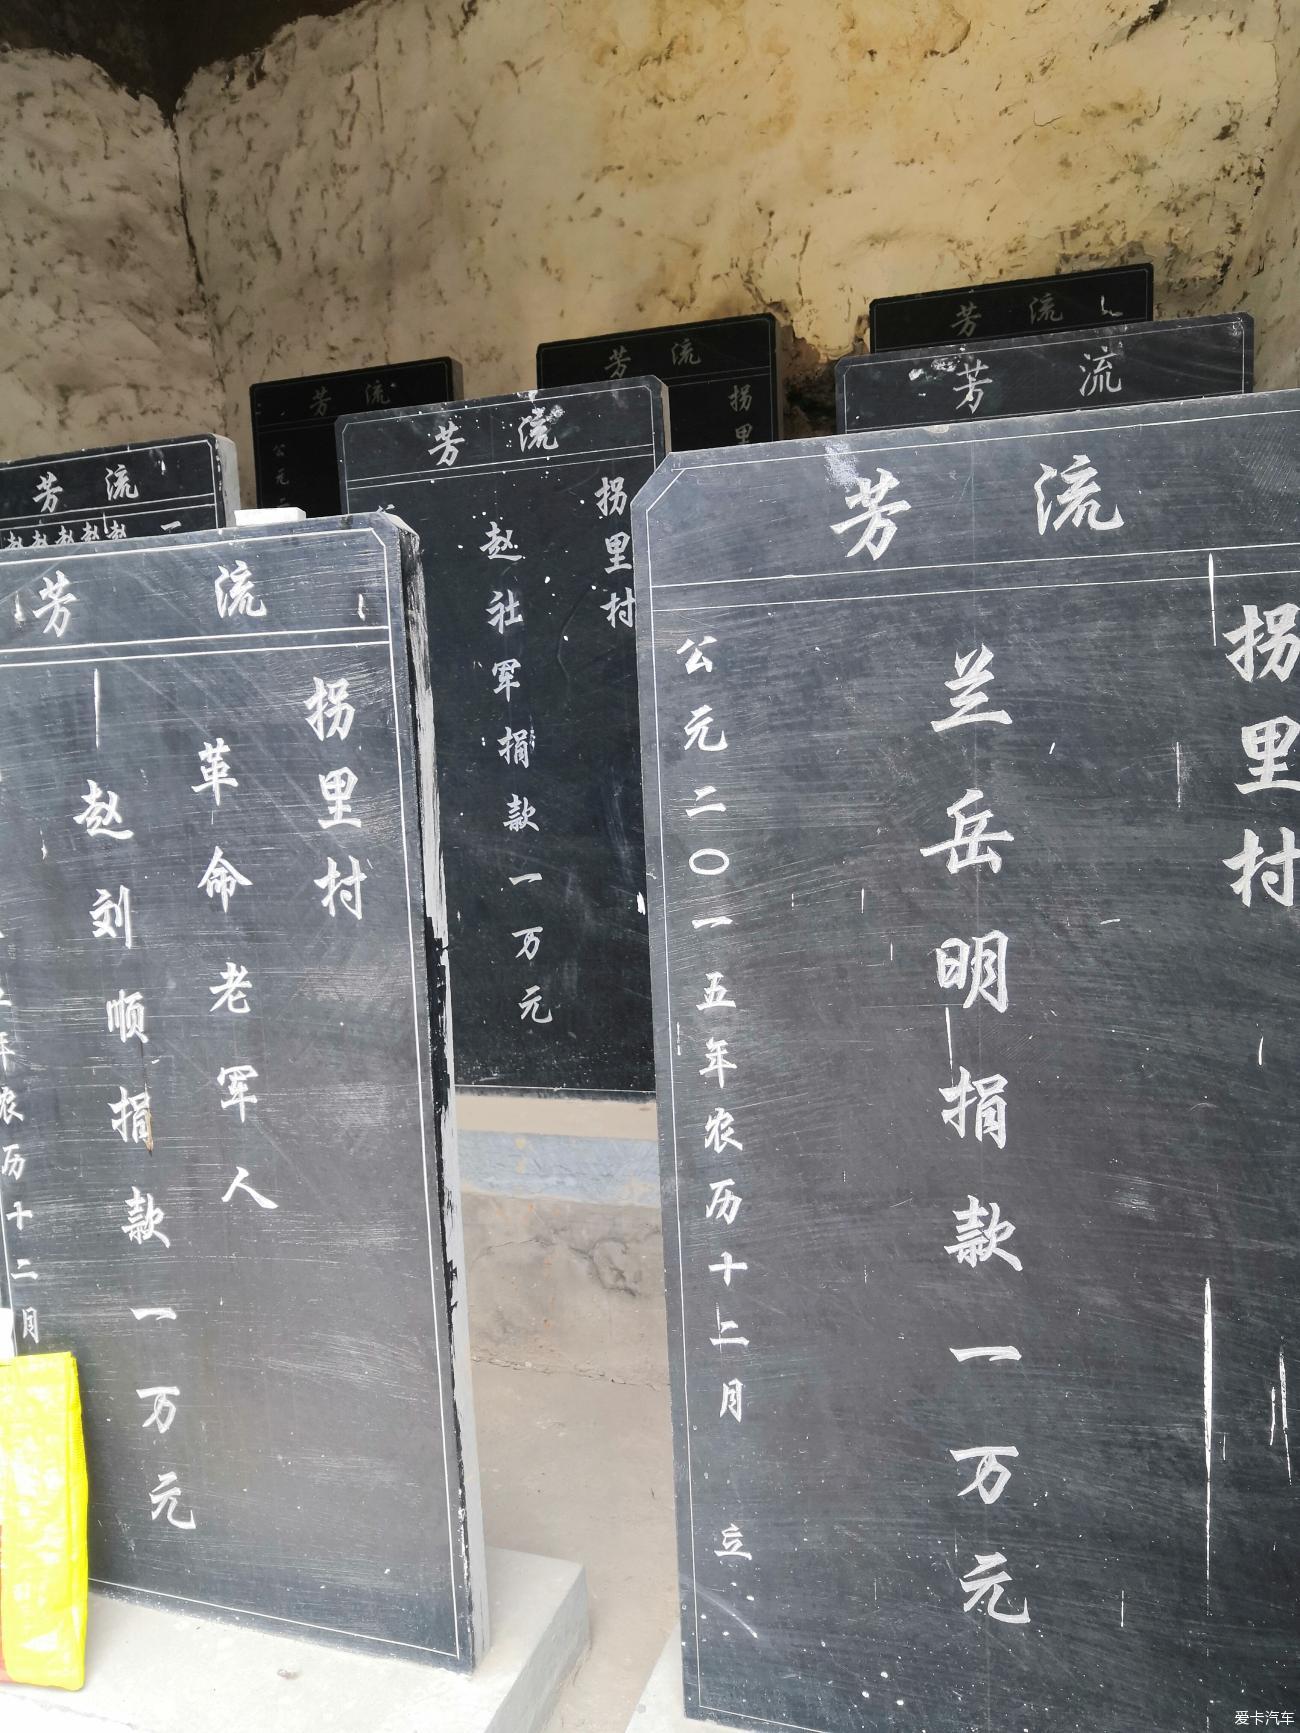 <br /> 登攀康岩洞逛庙会(一)<br />